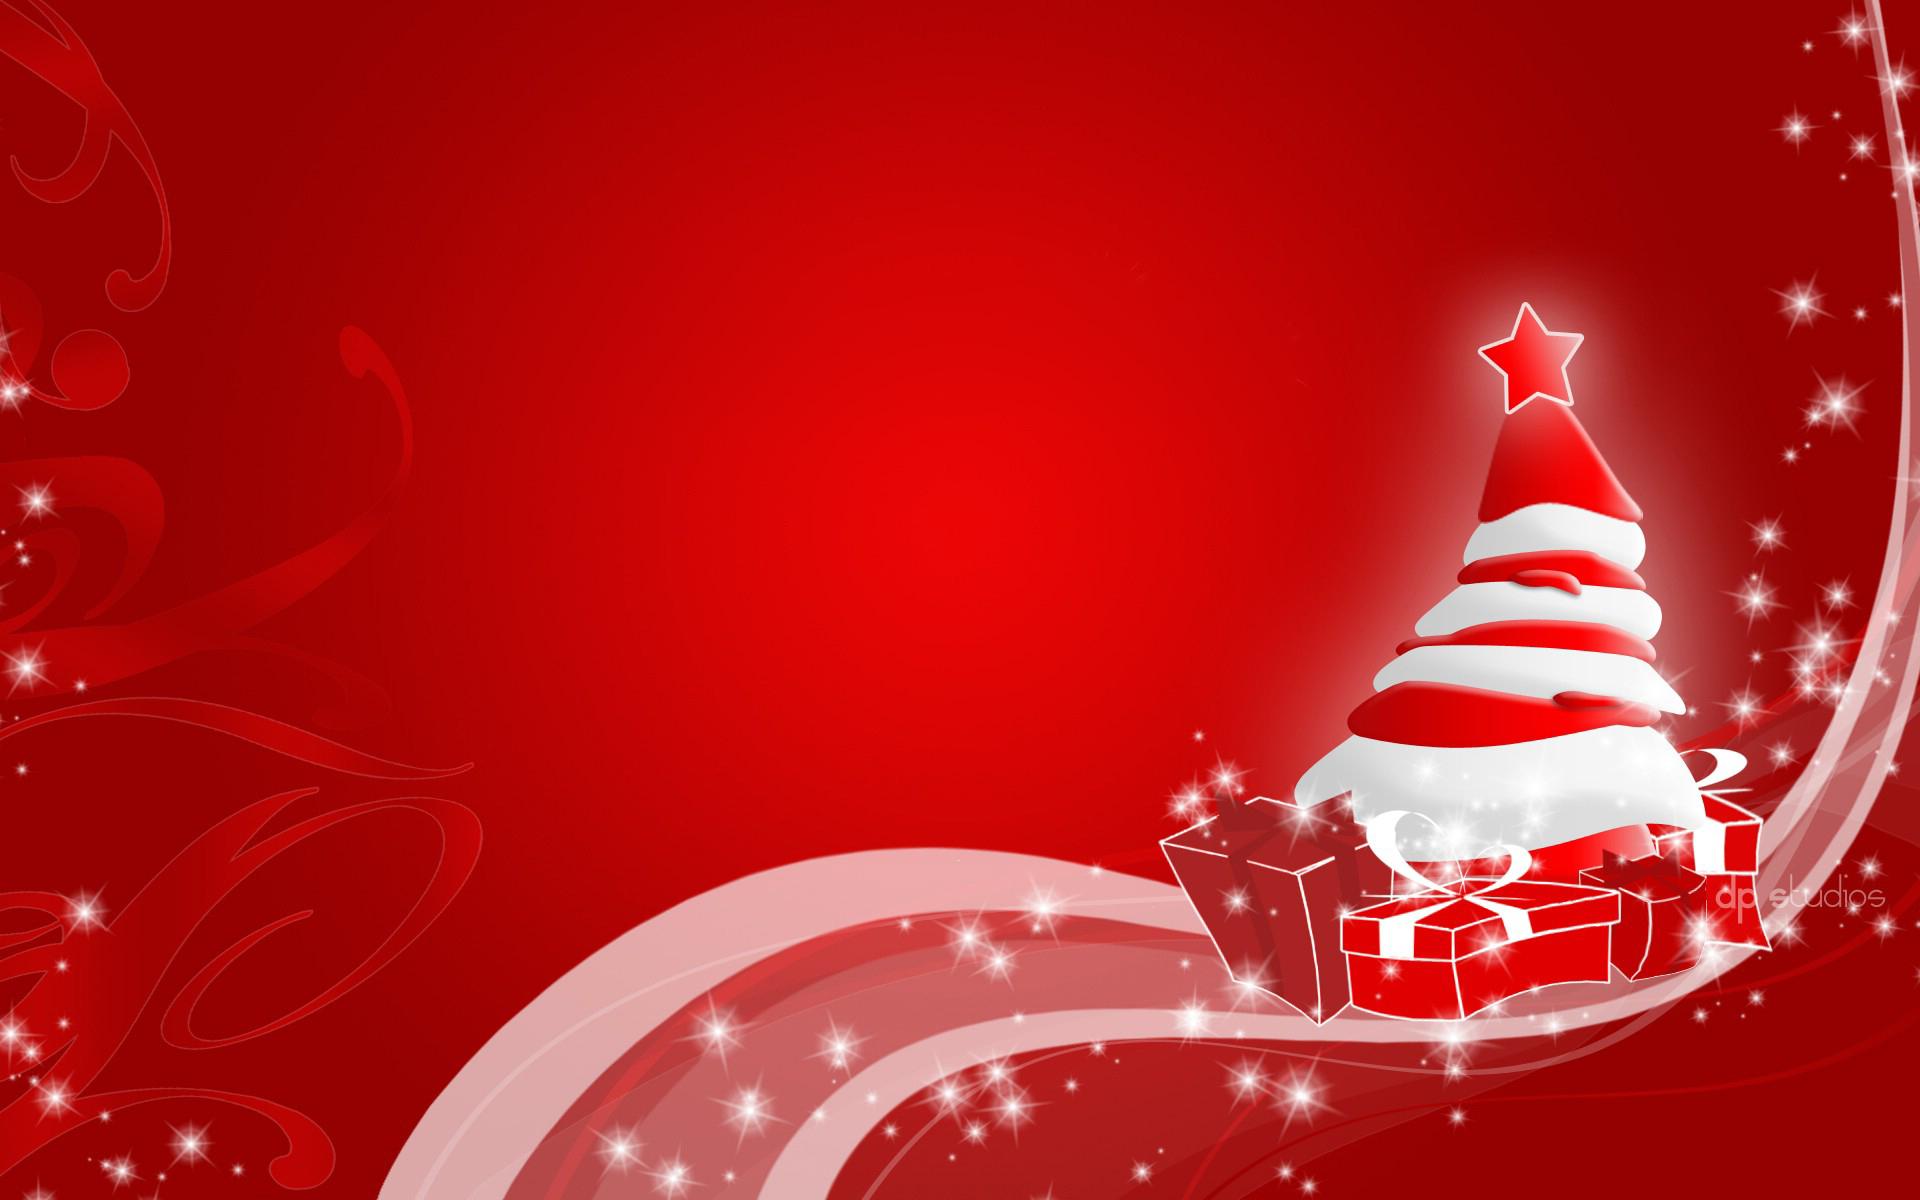 помощи баннер поздравления с новым годом требующие